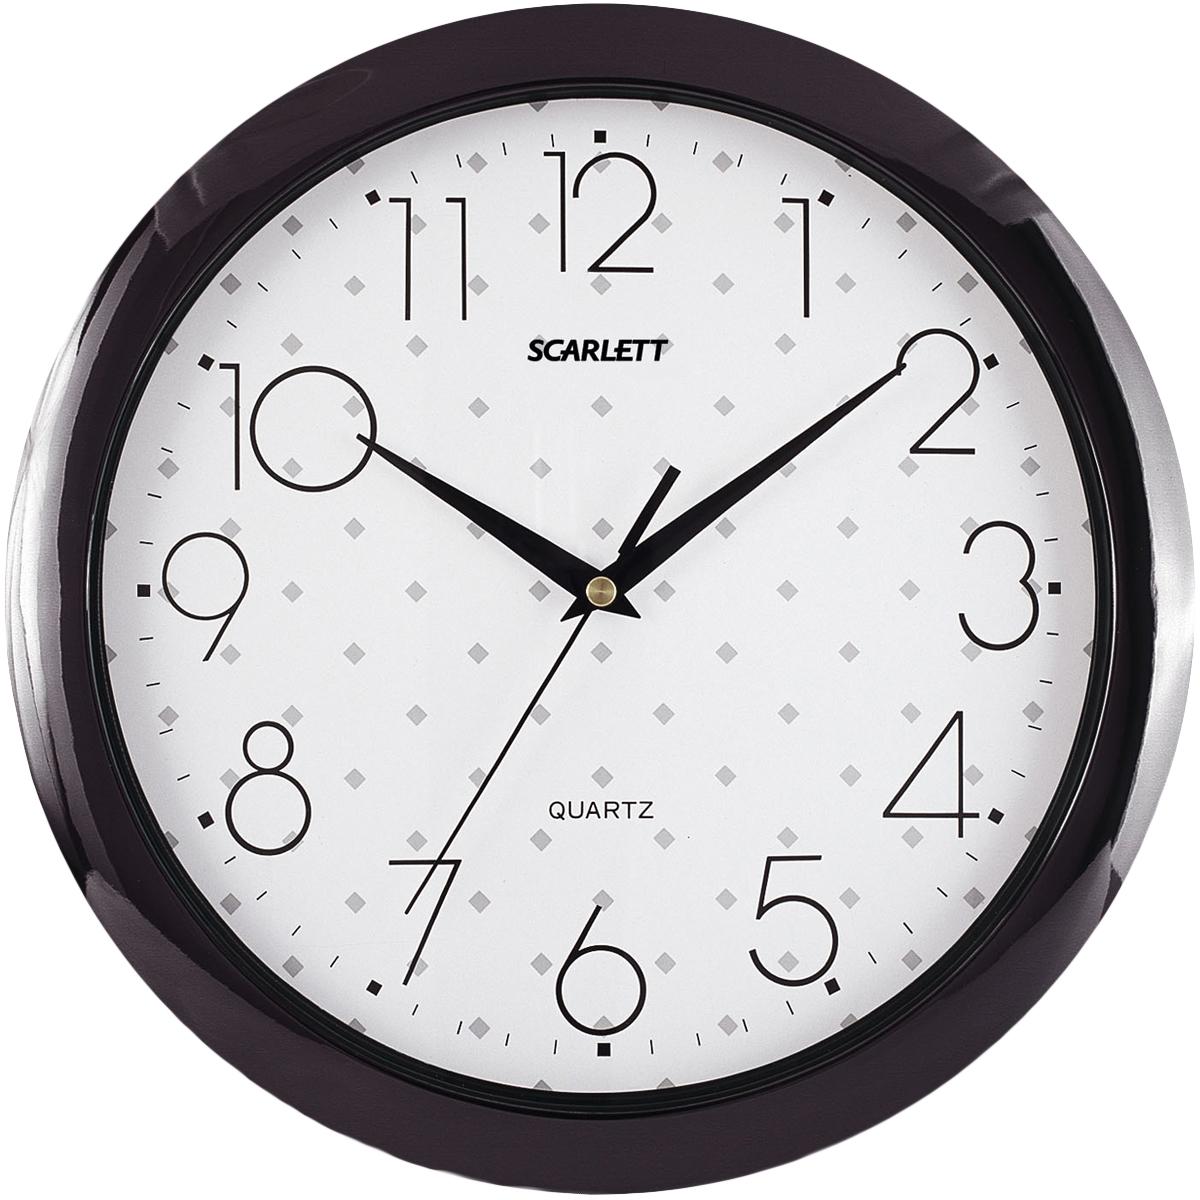 Scarlett SC-45Q часы настенныеSC-45QЭлемент питания: тип АА 1.5V Период работы от одного элемента: 12 месяцев Относительная влажность помещения от 30% до 80% Температура: от 1°С до 45°С